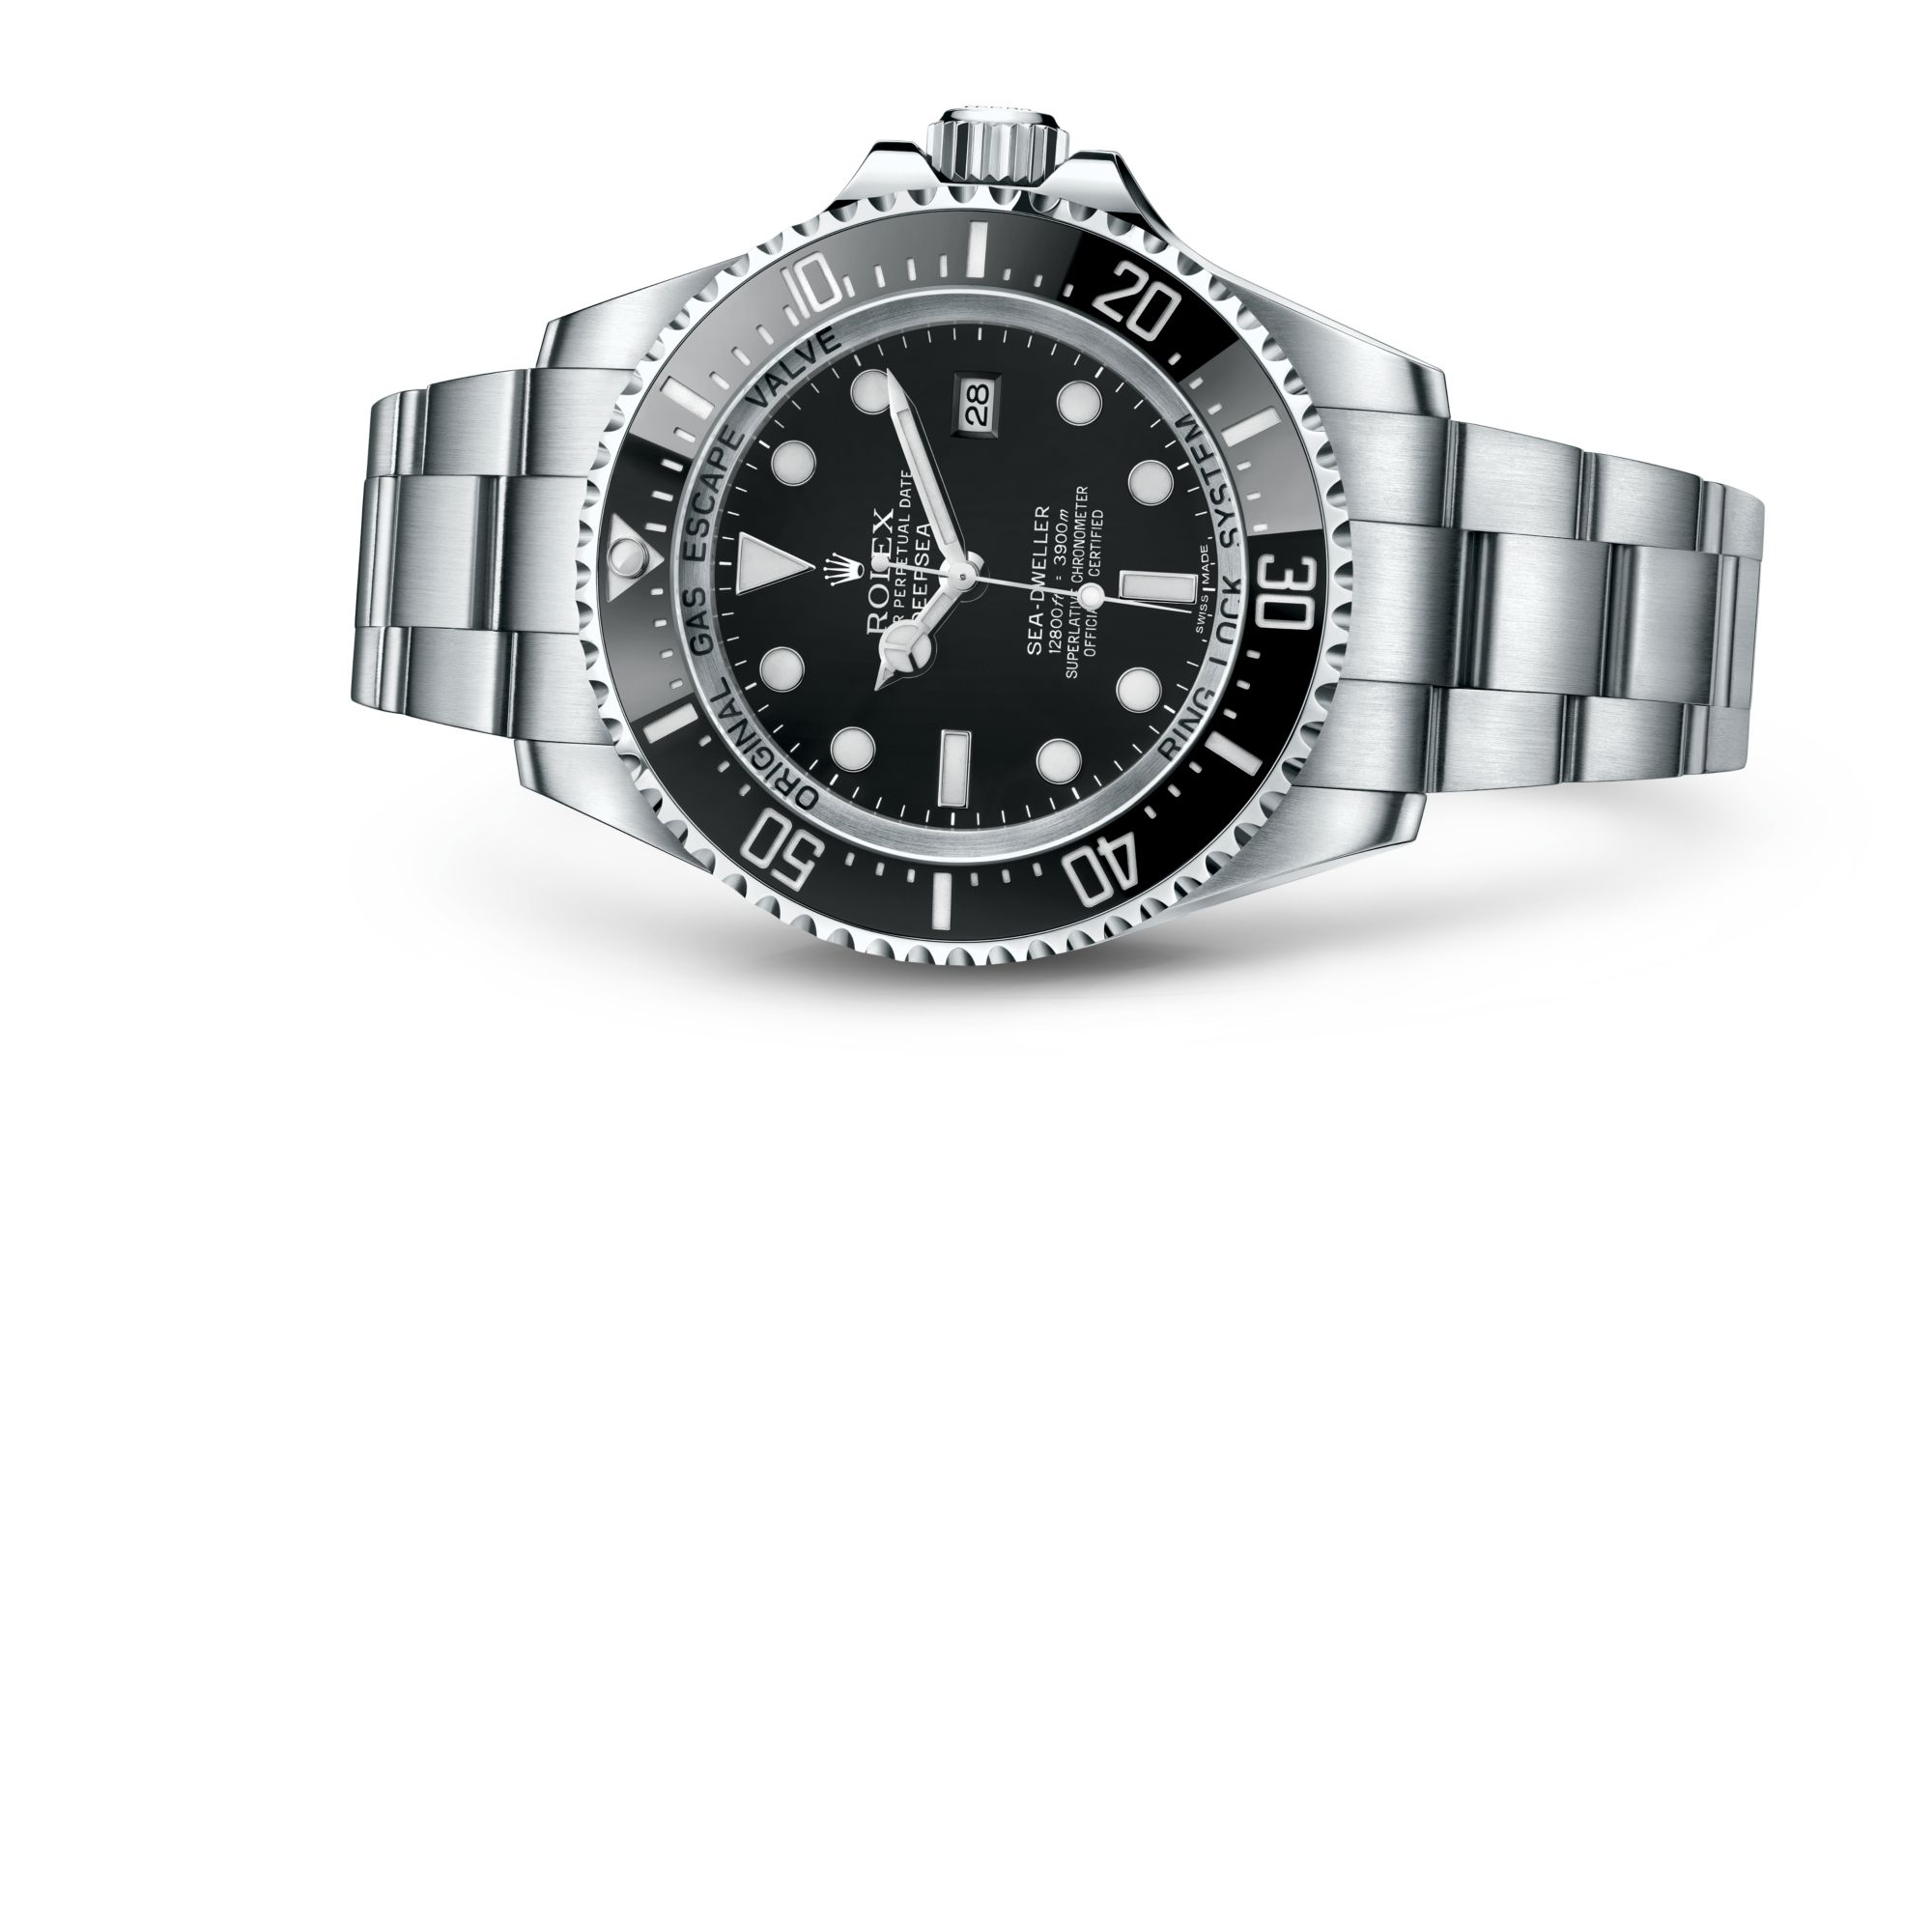 Rolex 劳力士深潜型 M116660-0001